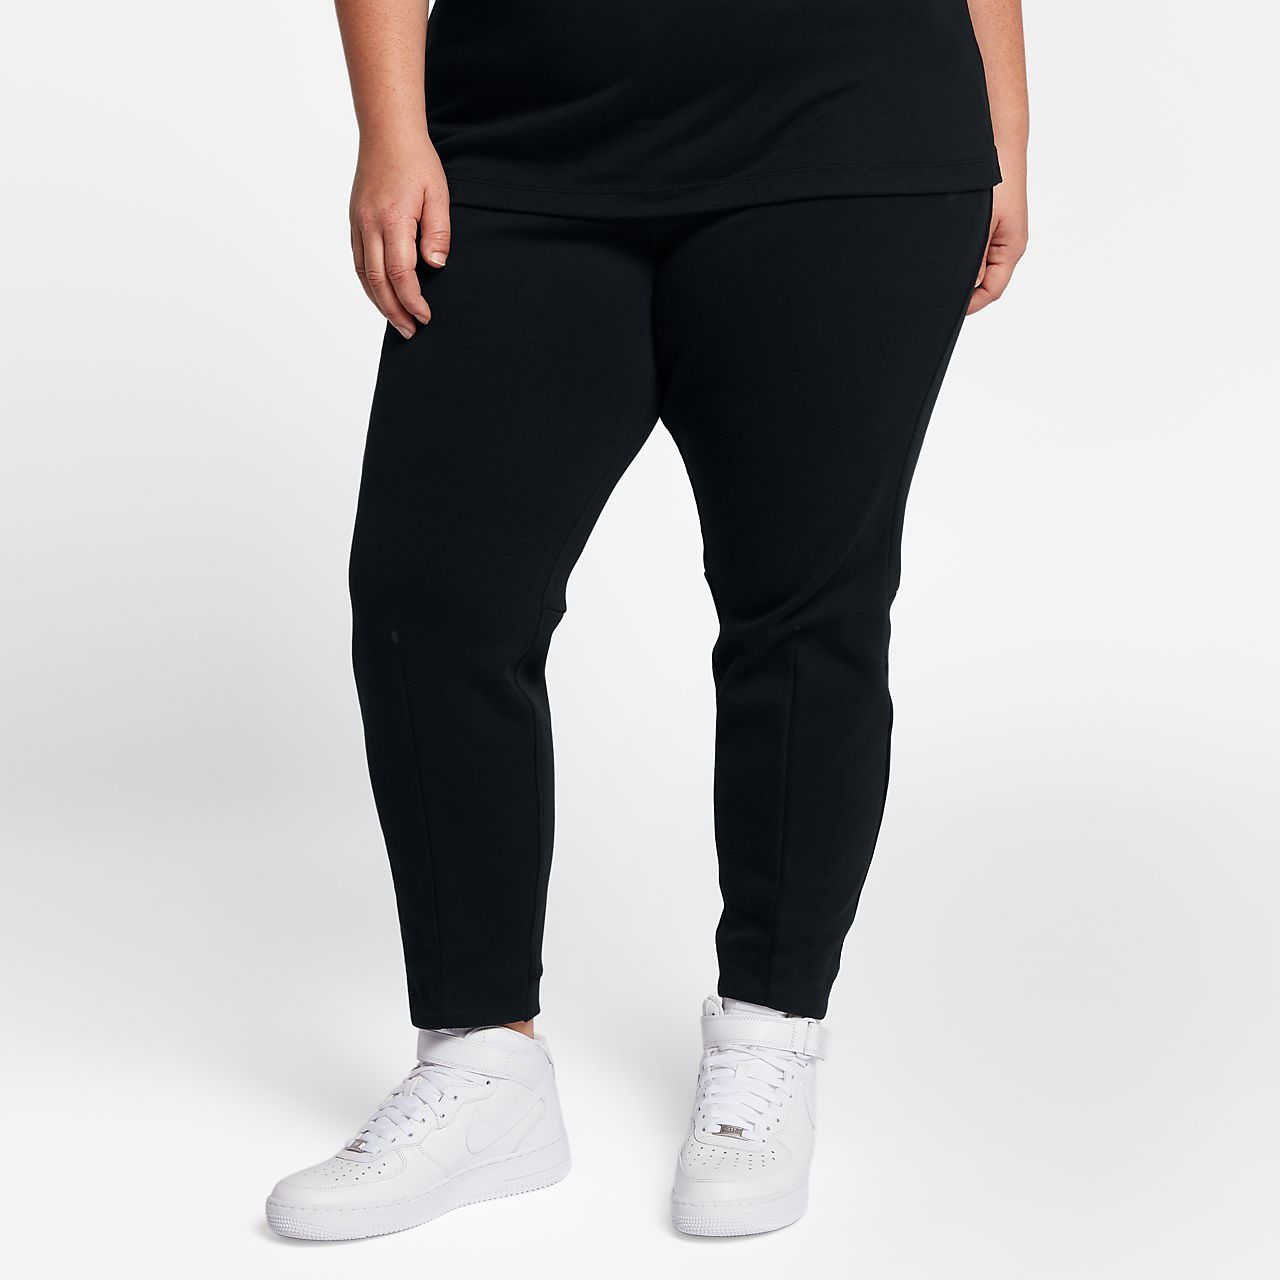 Женские брюки Nike Sportswear Tech Fleece (большие размеры)